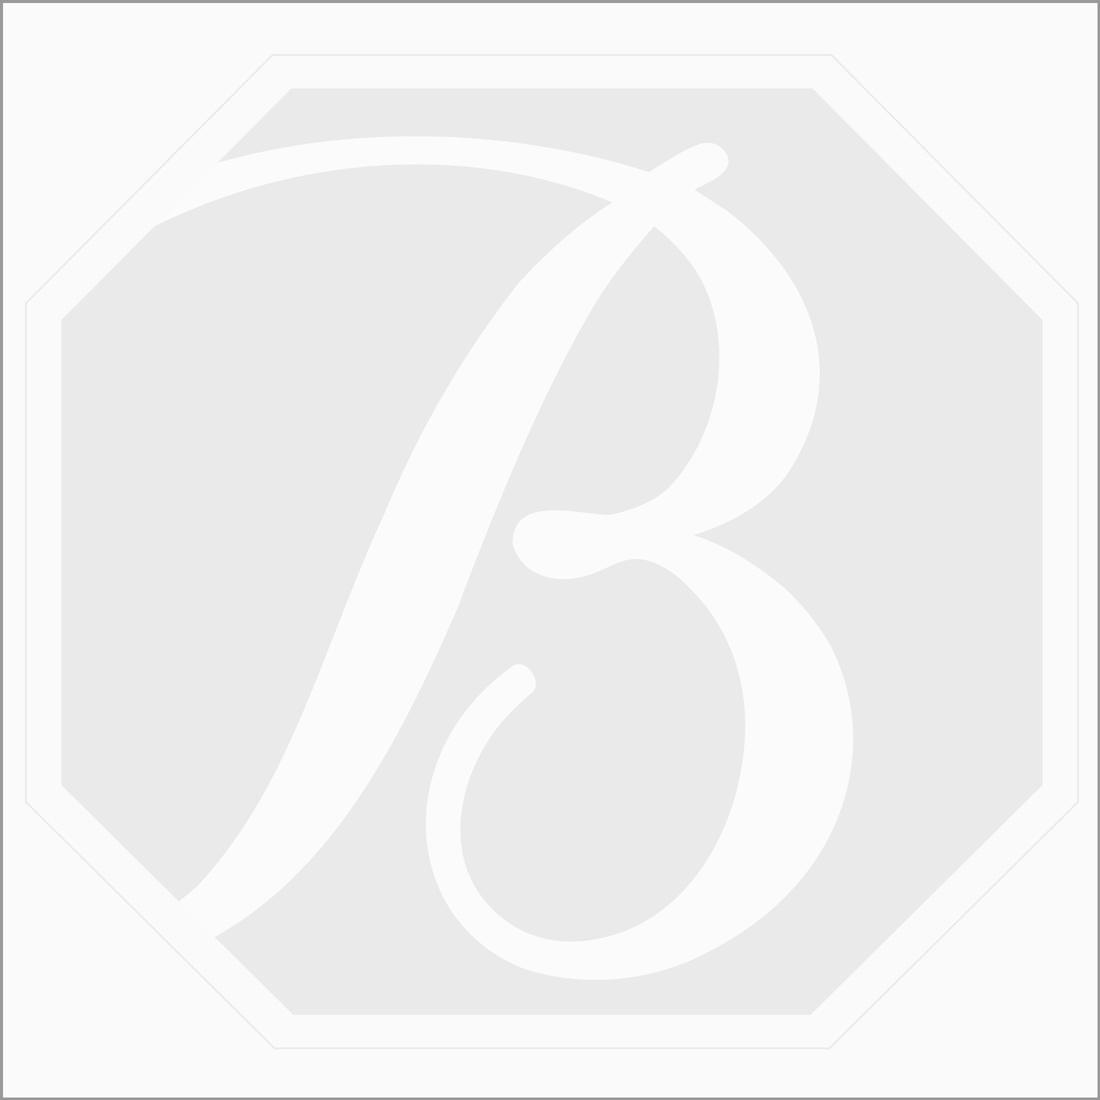 10 Pcs - Dark Brown Smoky Quartz Rose Cut - 166.52 ct. - 24 x 18 x 5 mm to 33 x 18 x 4 mm (SQRC1007)